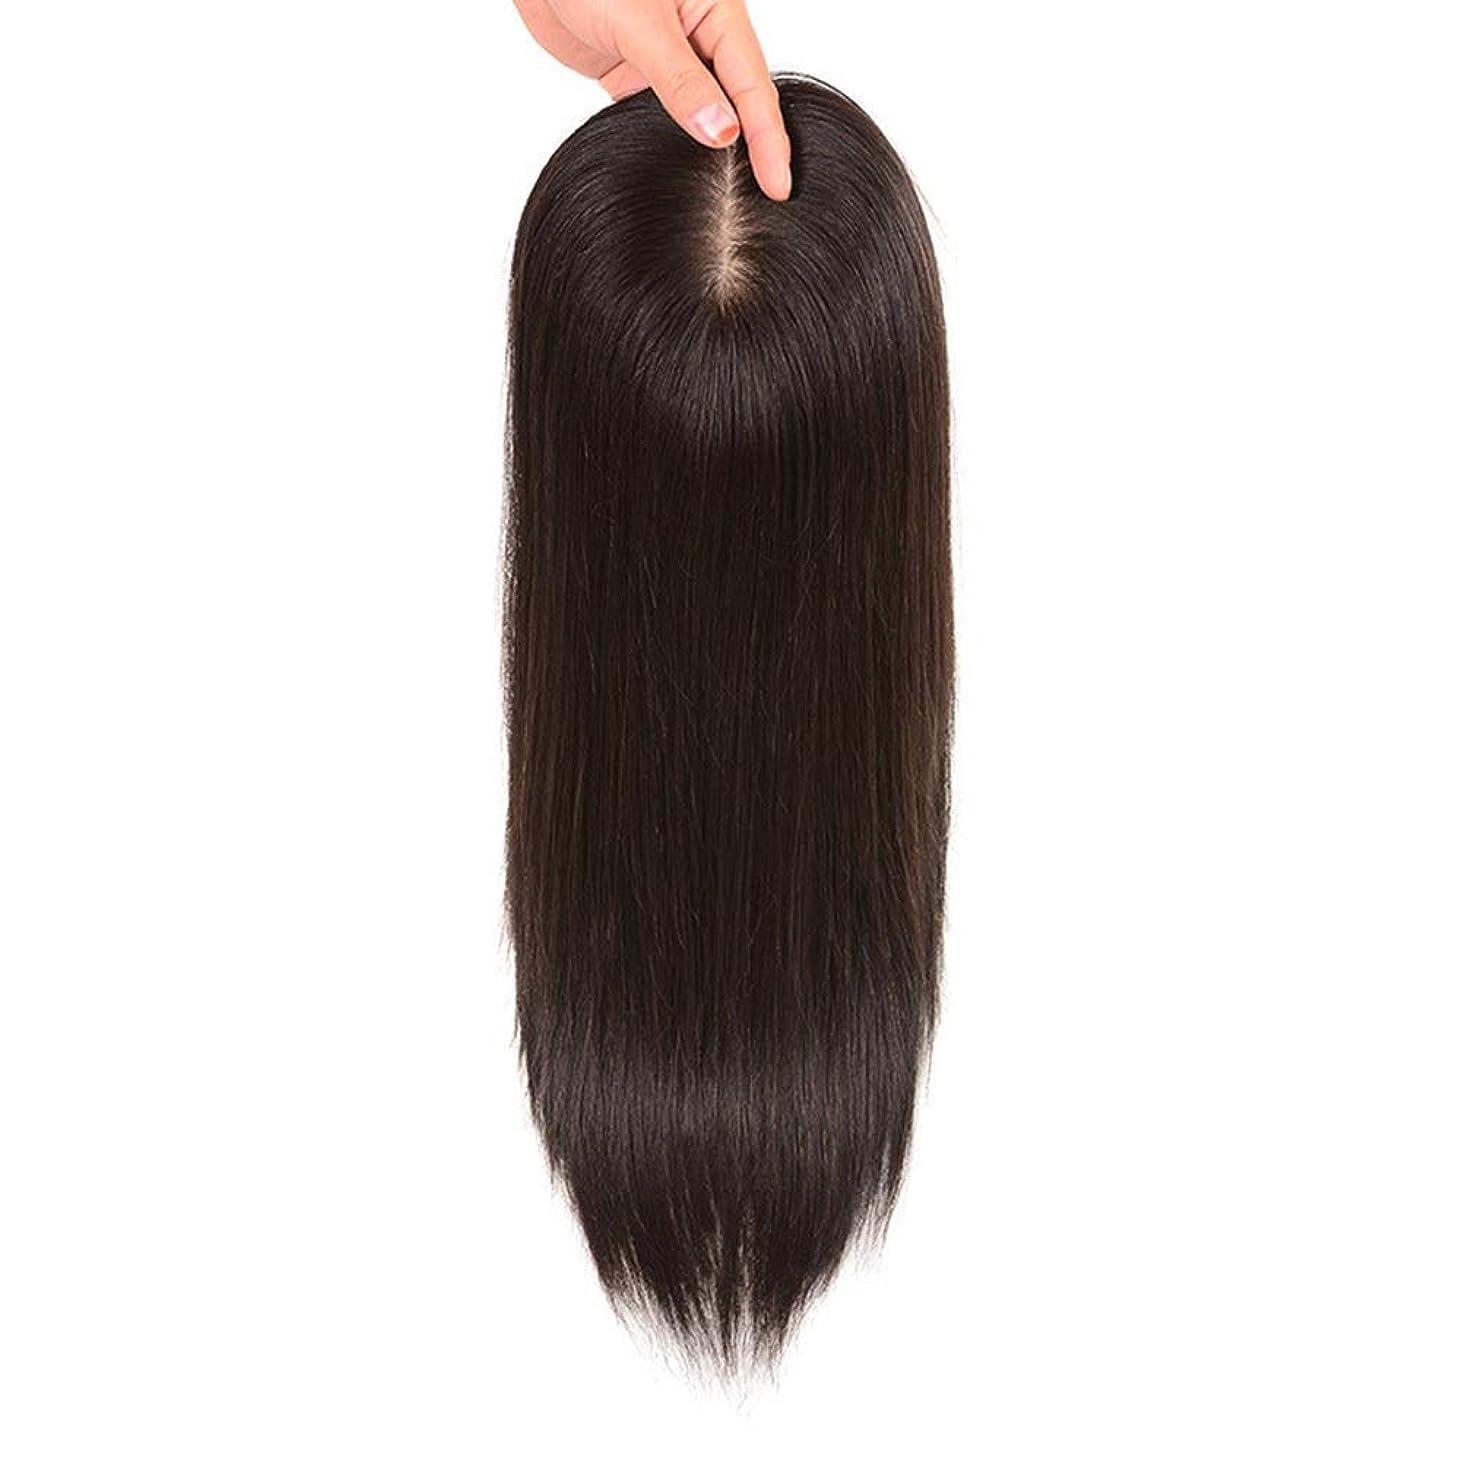 常習者弾力性のあるスチュアート島HOHYLLYA 女性の長いストレートヘアクリップヘアエクステンションで髪をかつら見えないパーティーかつらを増やす (色 : Natural black, サイズ : [7x10]25cm)